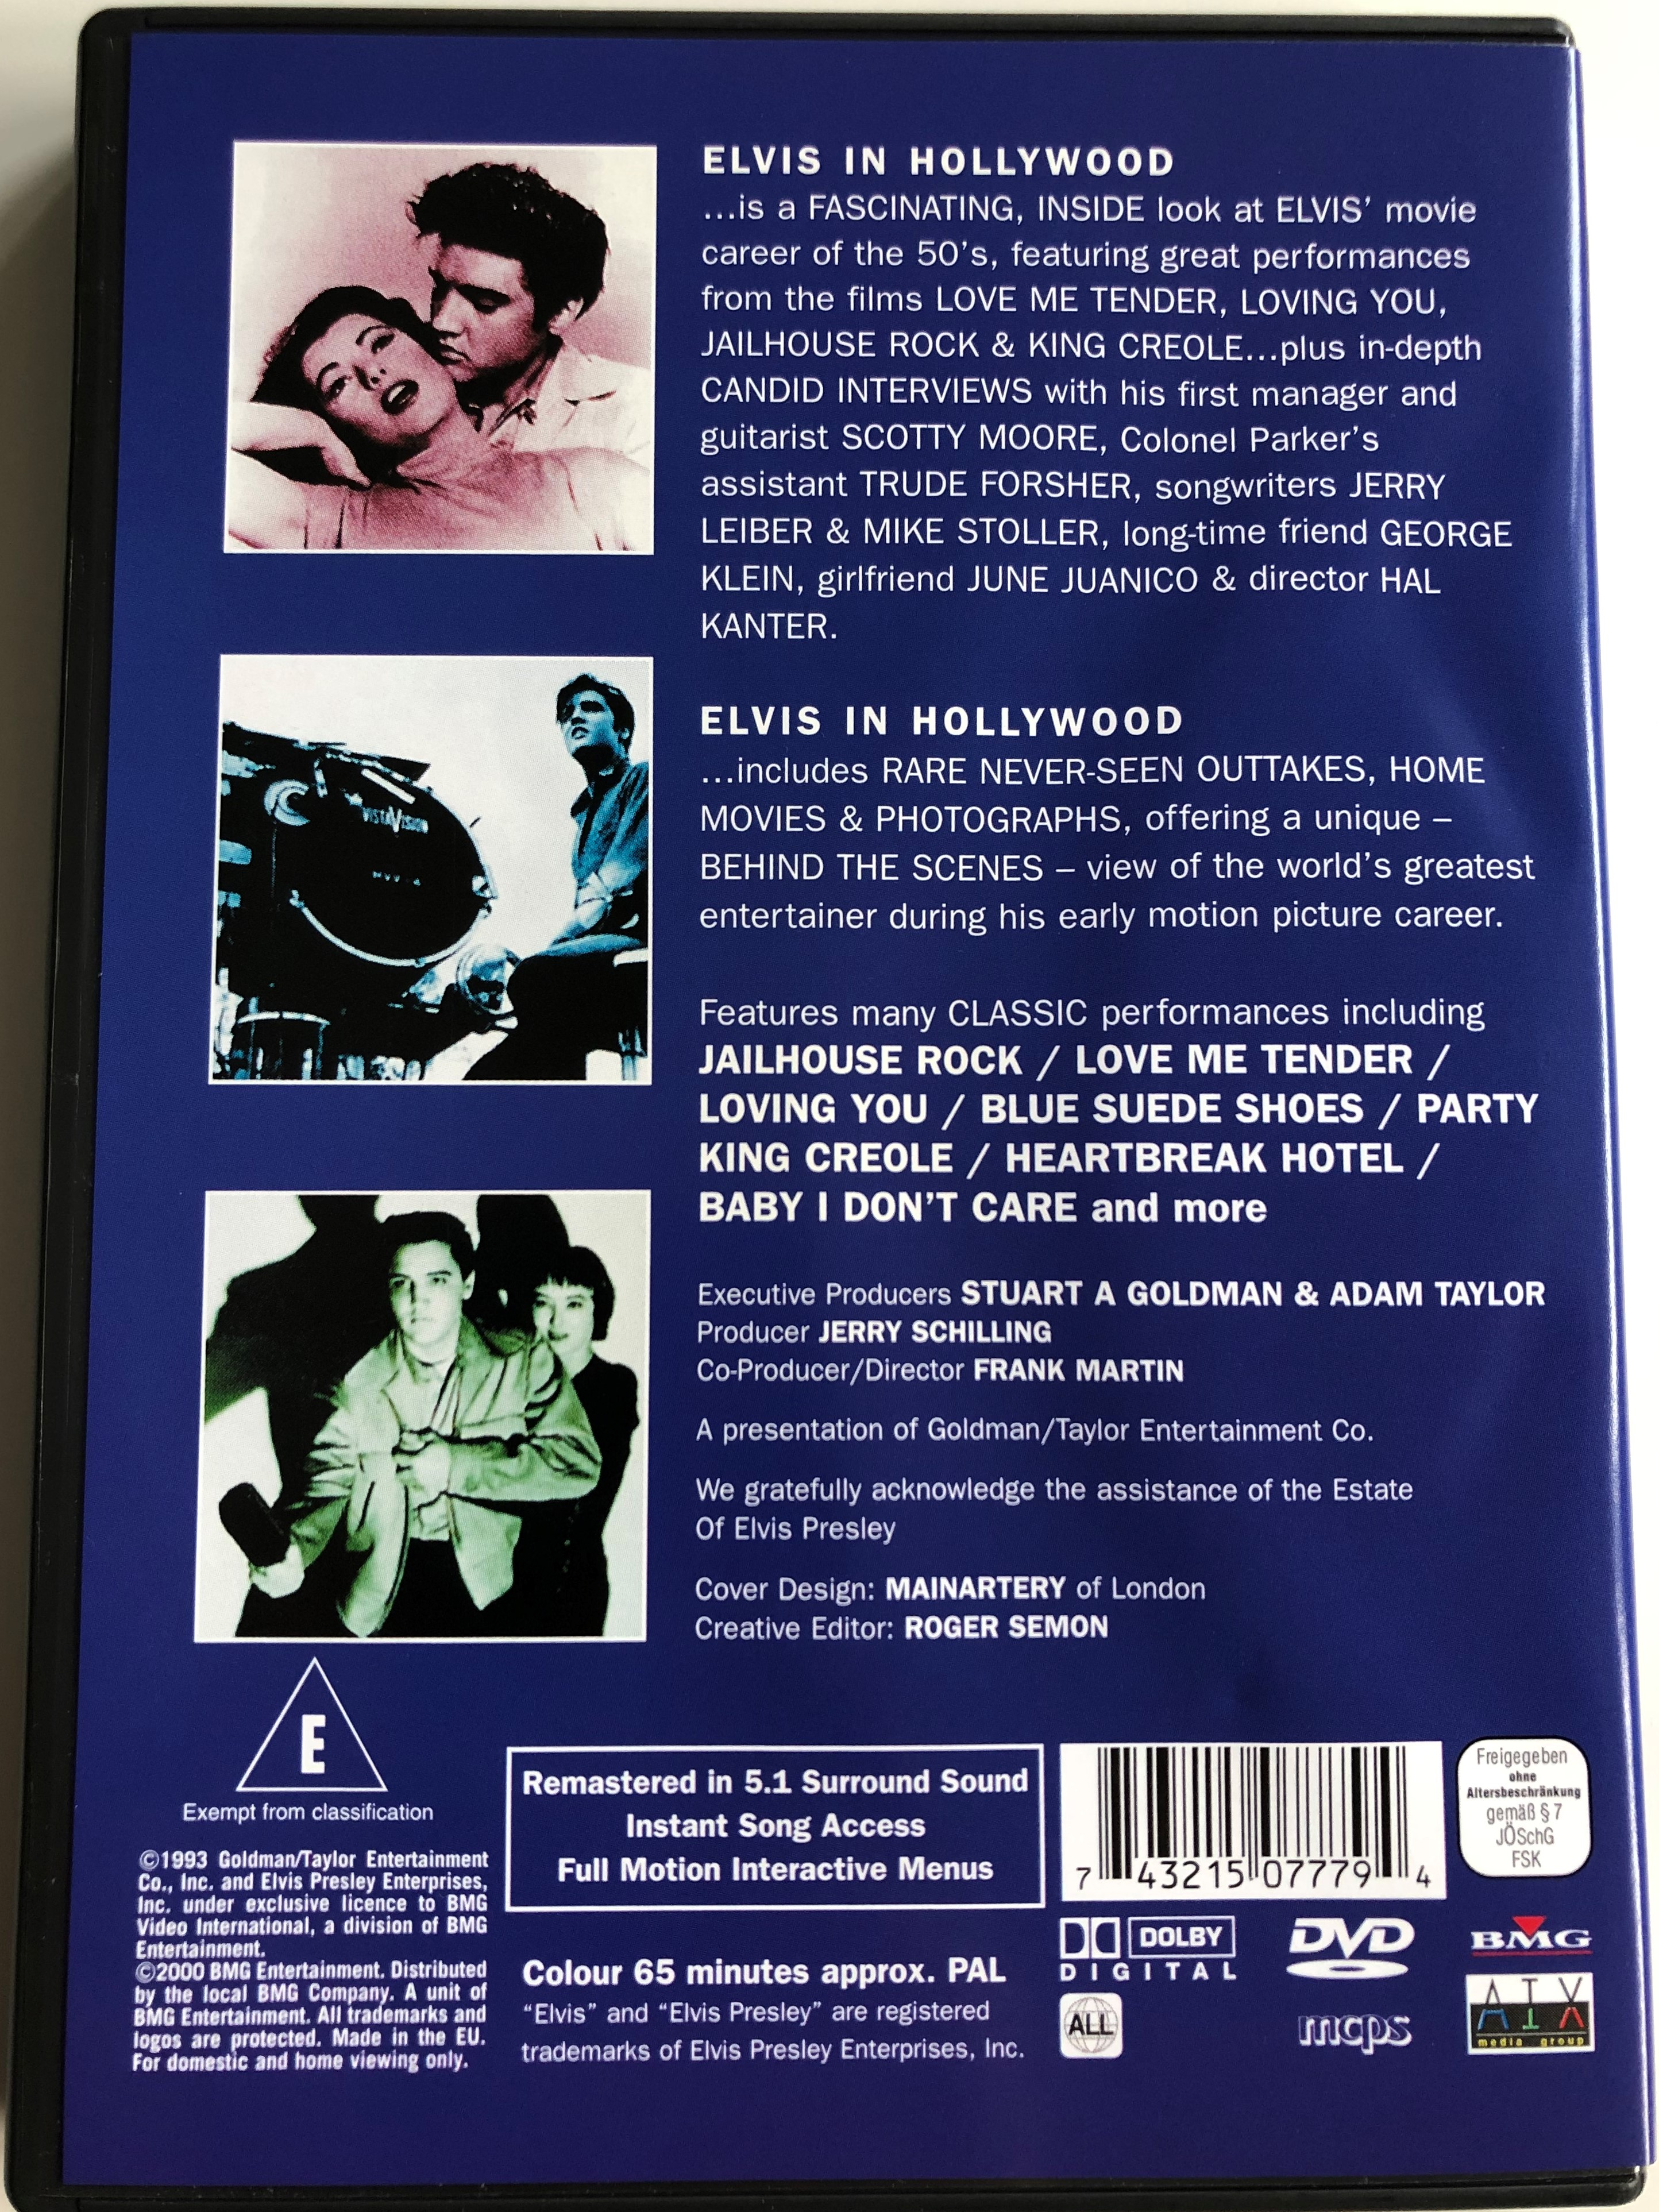 elvis-in-hollywood-50-s-dvd-2000-2.jpg